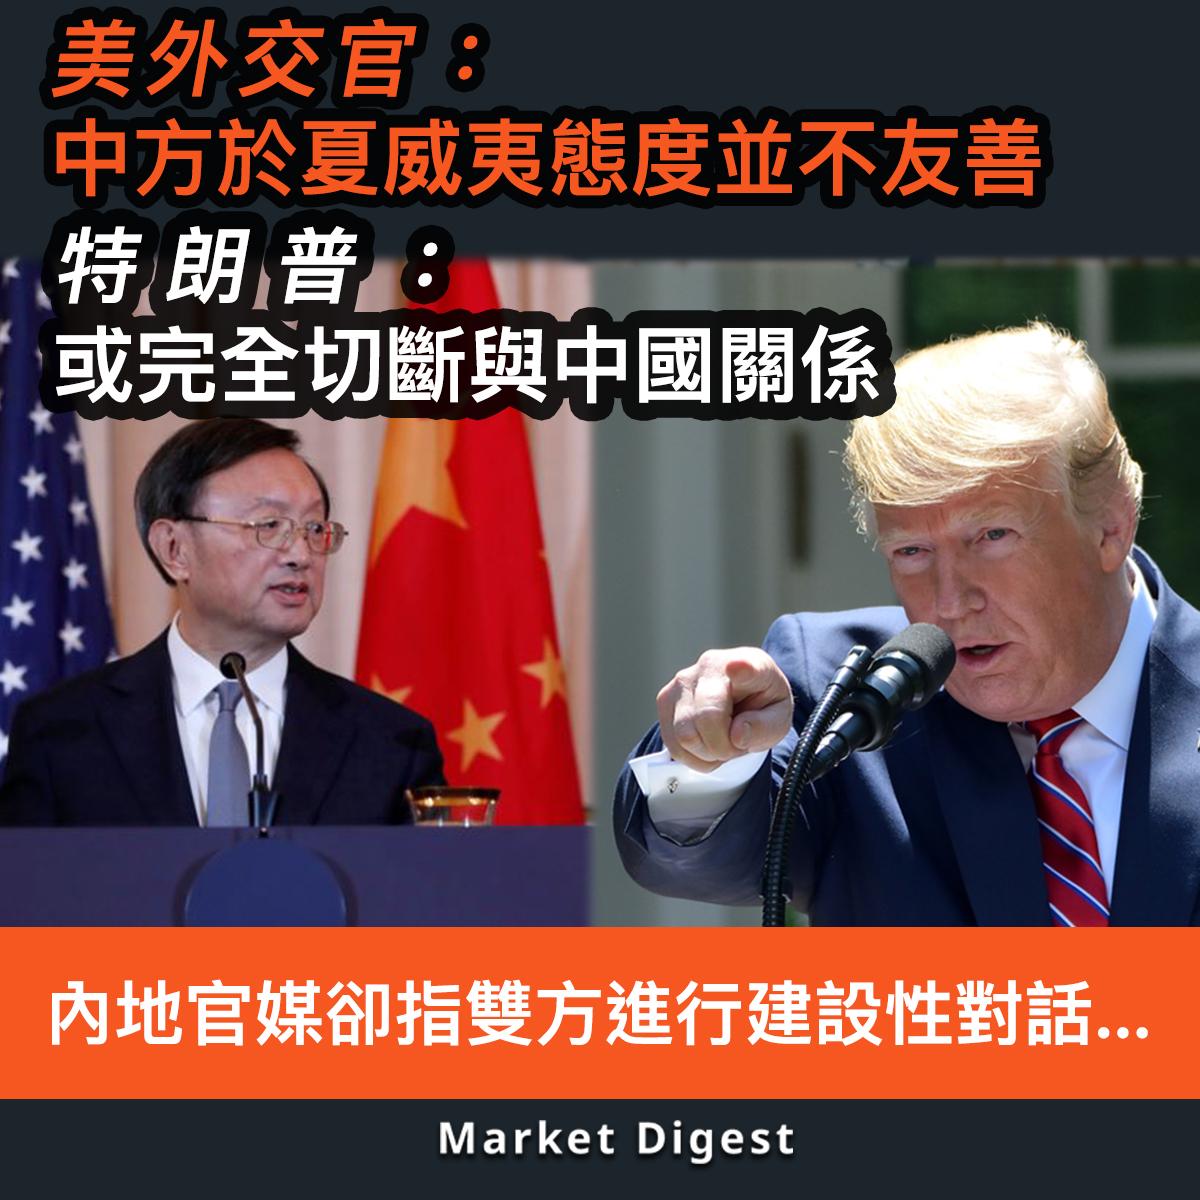 【市場熱話】美外交官:中方於夏威夷態度並不友善;特朗普:或完全切斷與中國關係